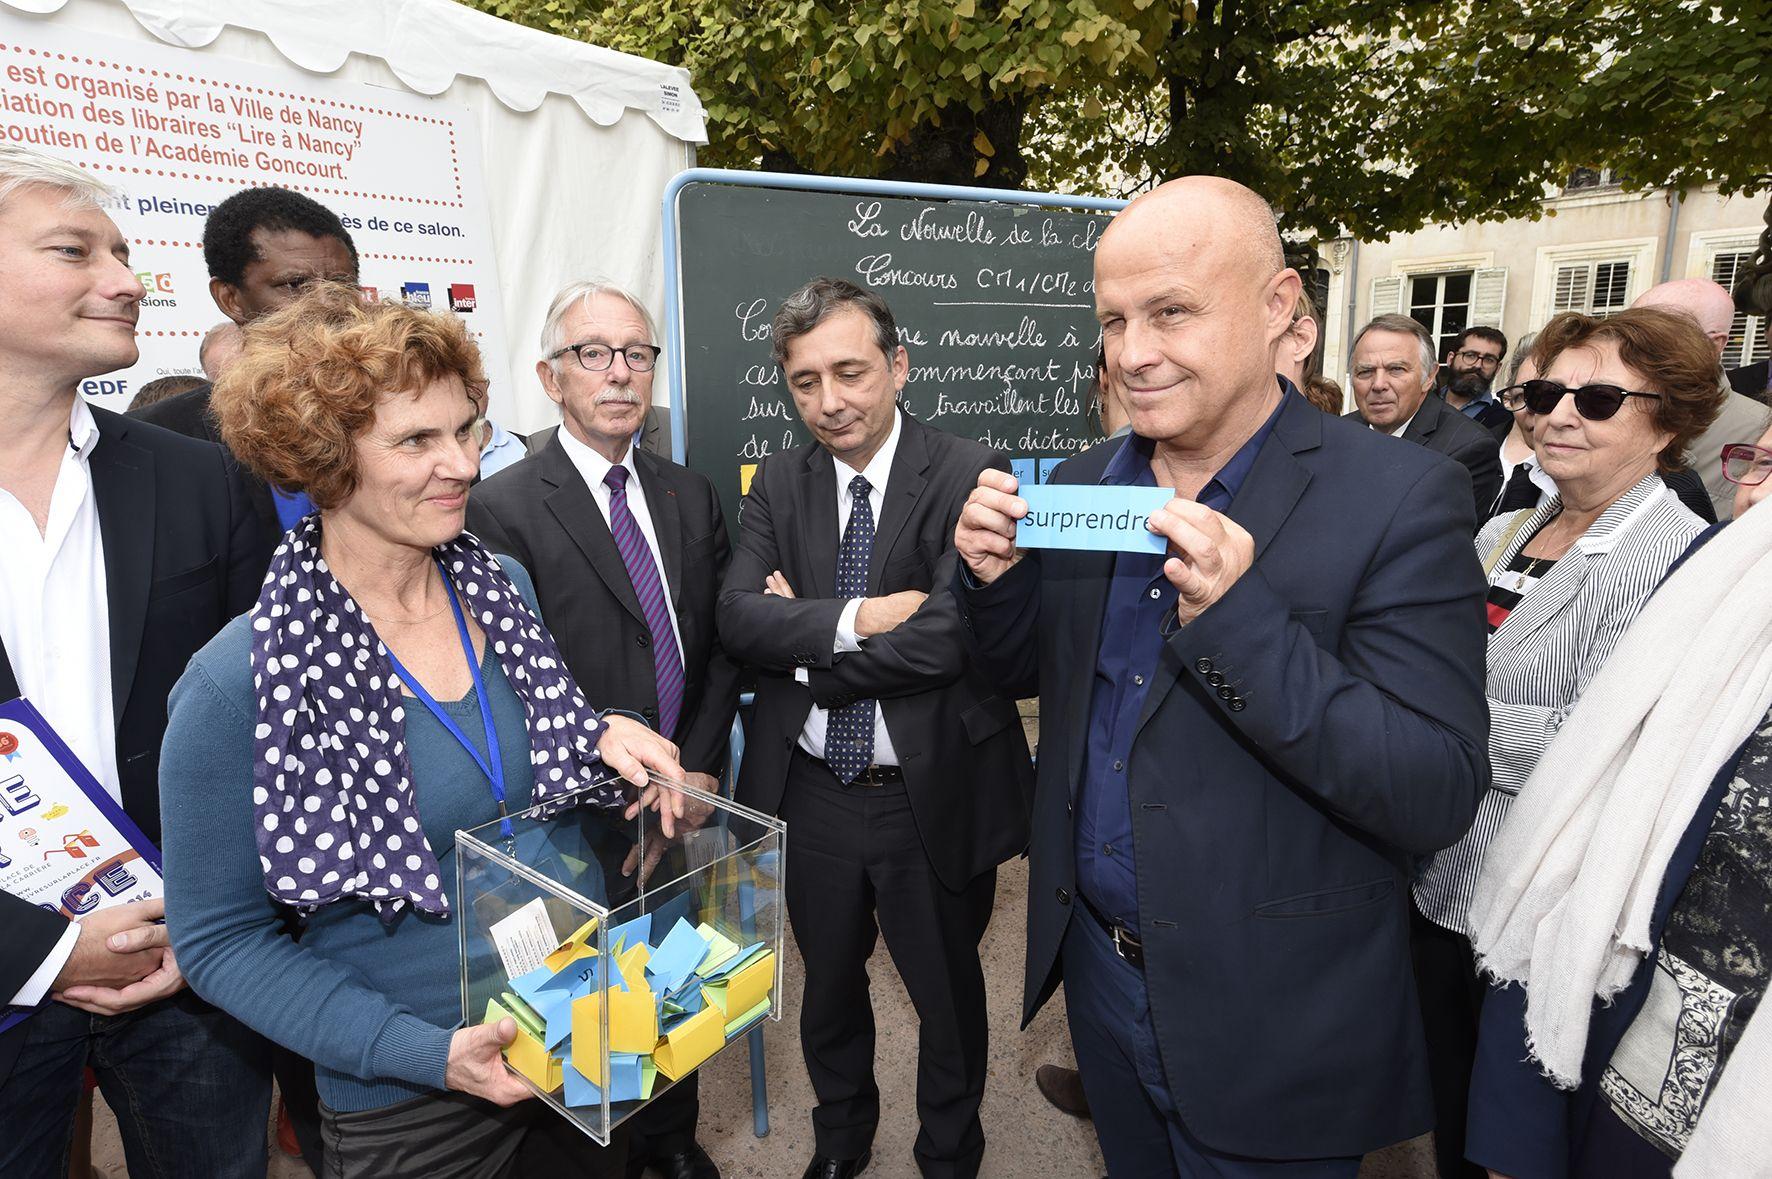 Dany Laferrière et Olivier Poivre d'Arvor tirent les mots du concours de la Nouvelle de la Classe. 36e édition du Livre sur la Place, 2014.